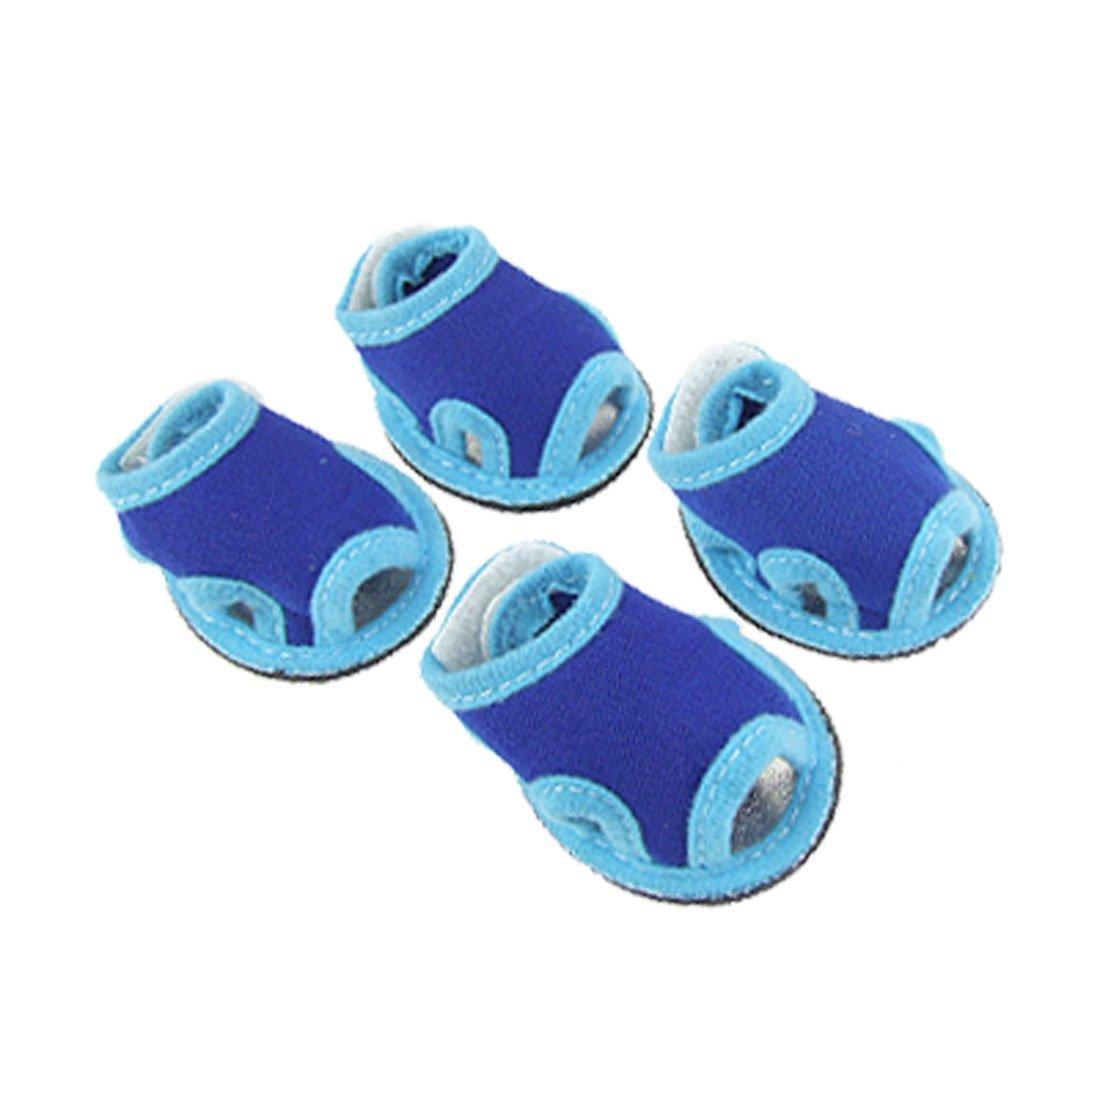 Sz 3 Nonslip Sole Pet Doggy Dog Sandals bluee shoes 4 Pcs